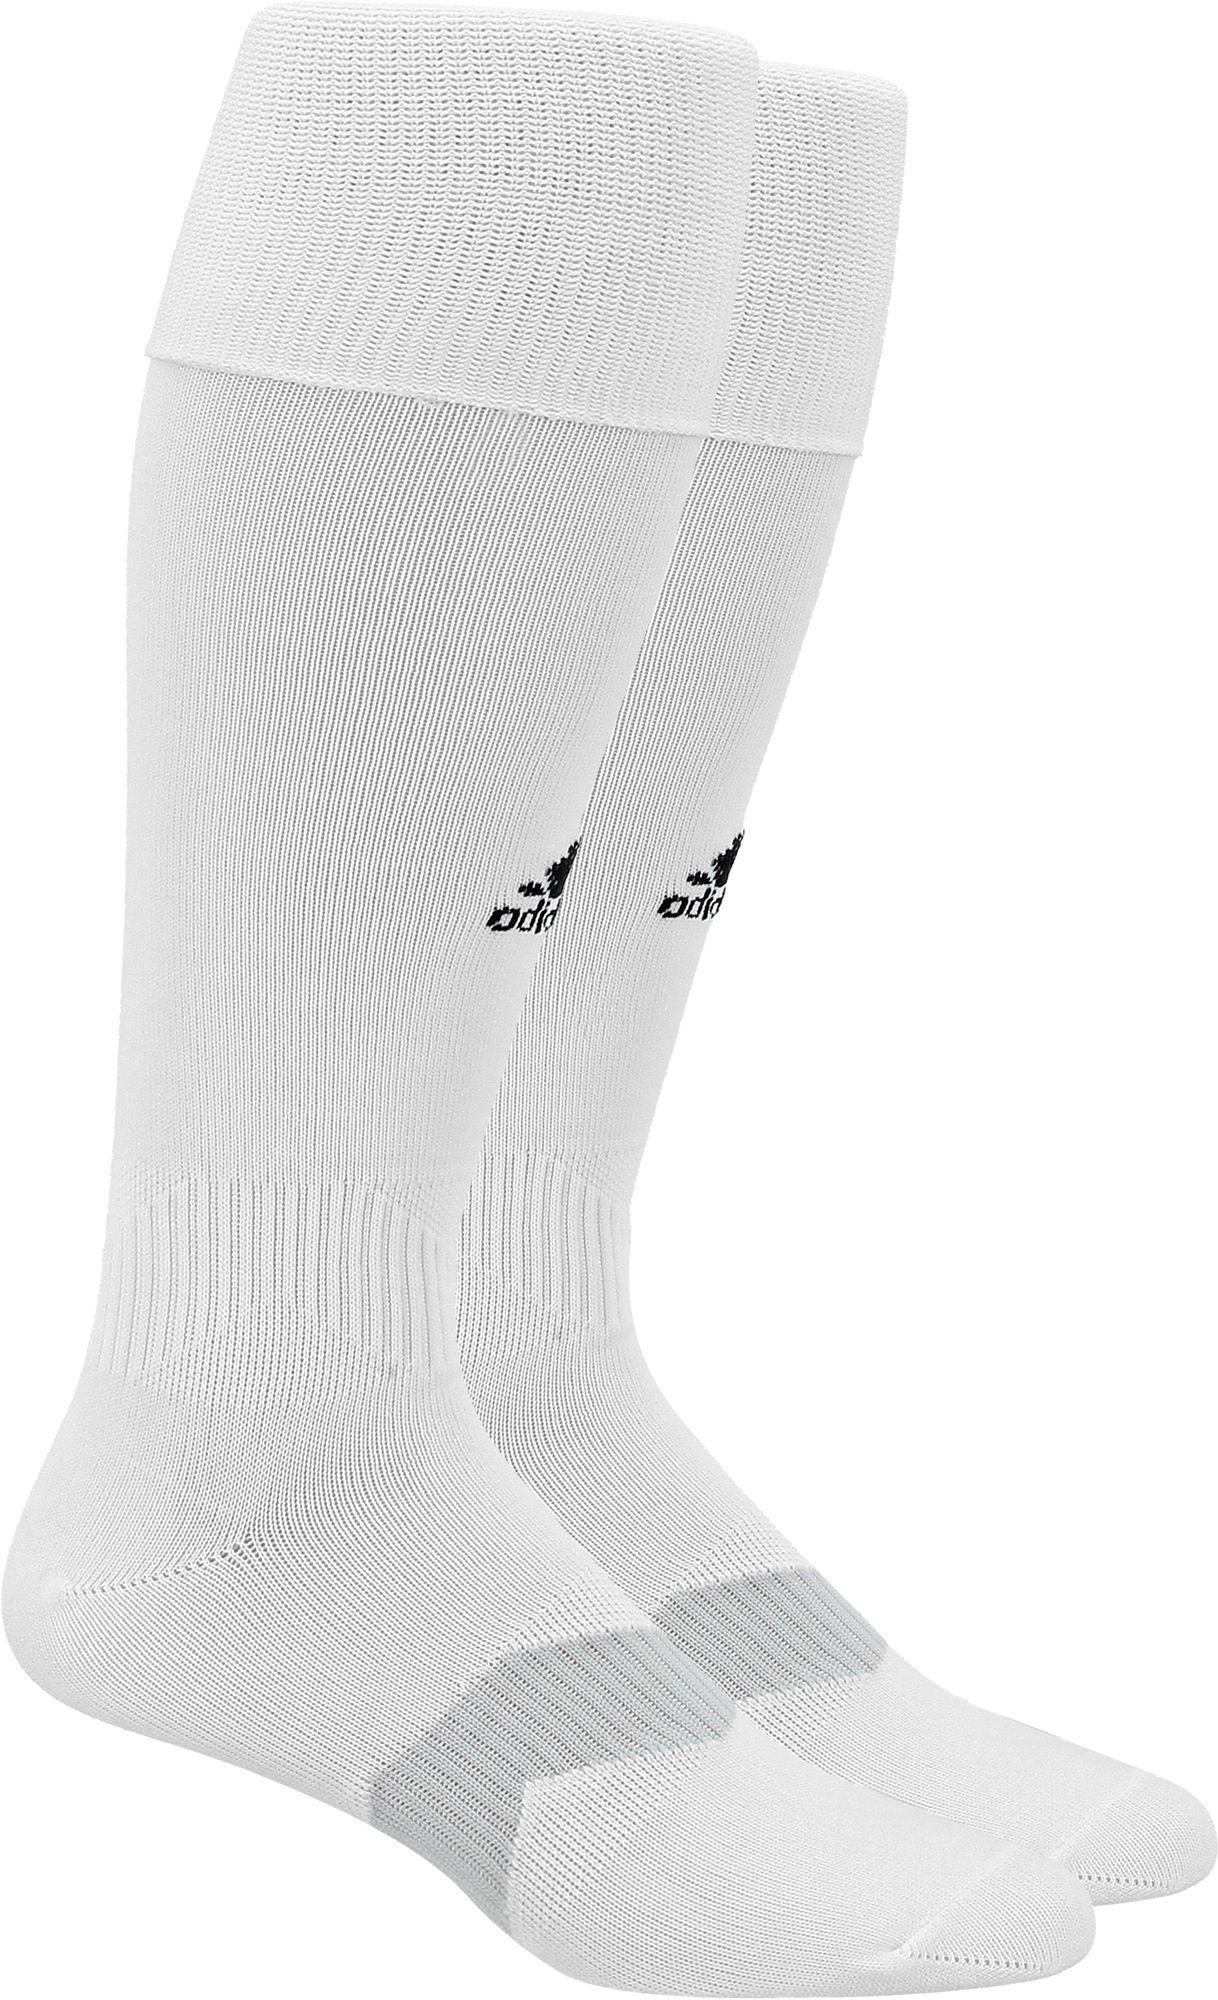 Lyst - adidas Metro Iv Otc Soccer Socks in White for Men a4213c13e6